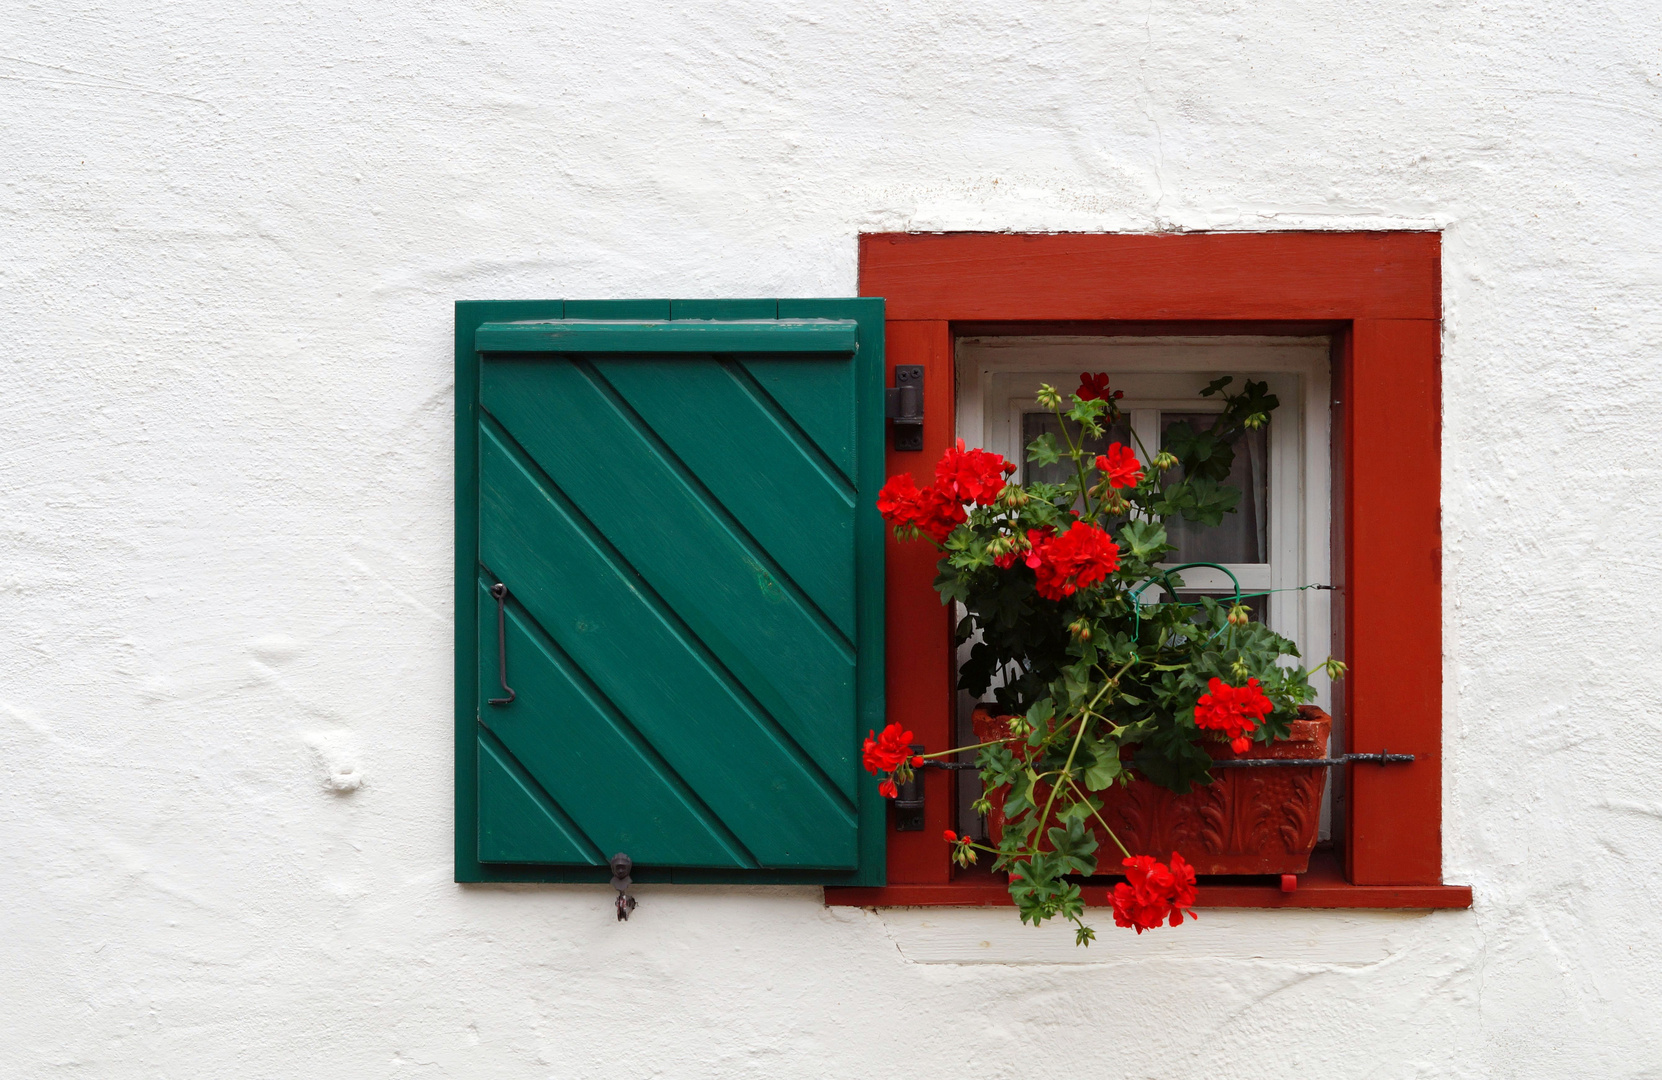 Blumenkasten Mit Fenster Foto Bild Fenster Architektur Gebaude